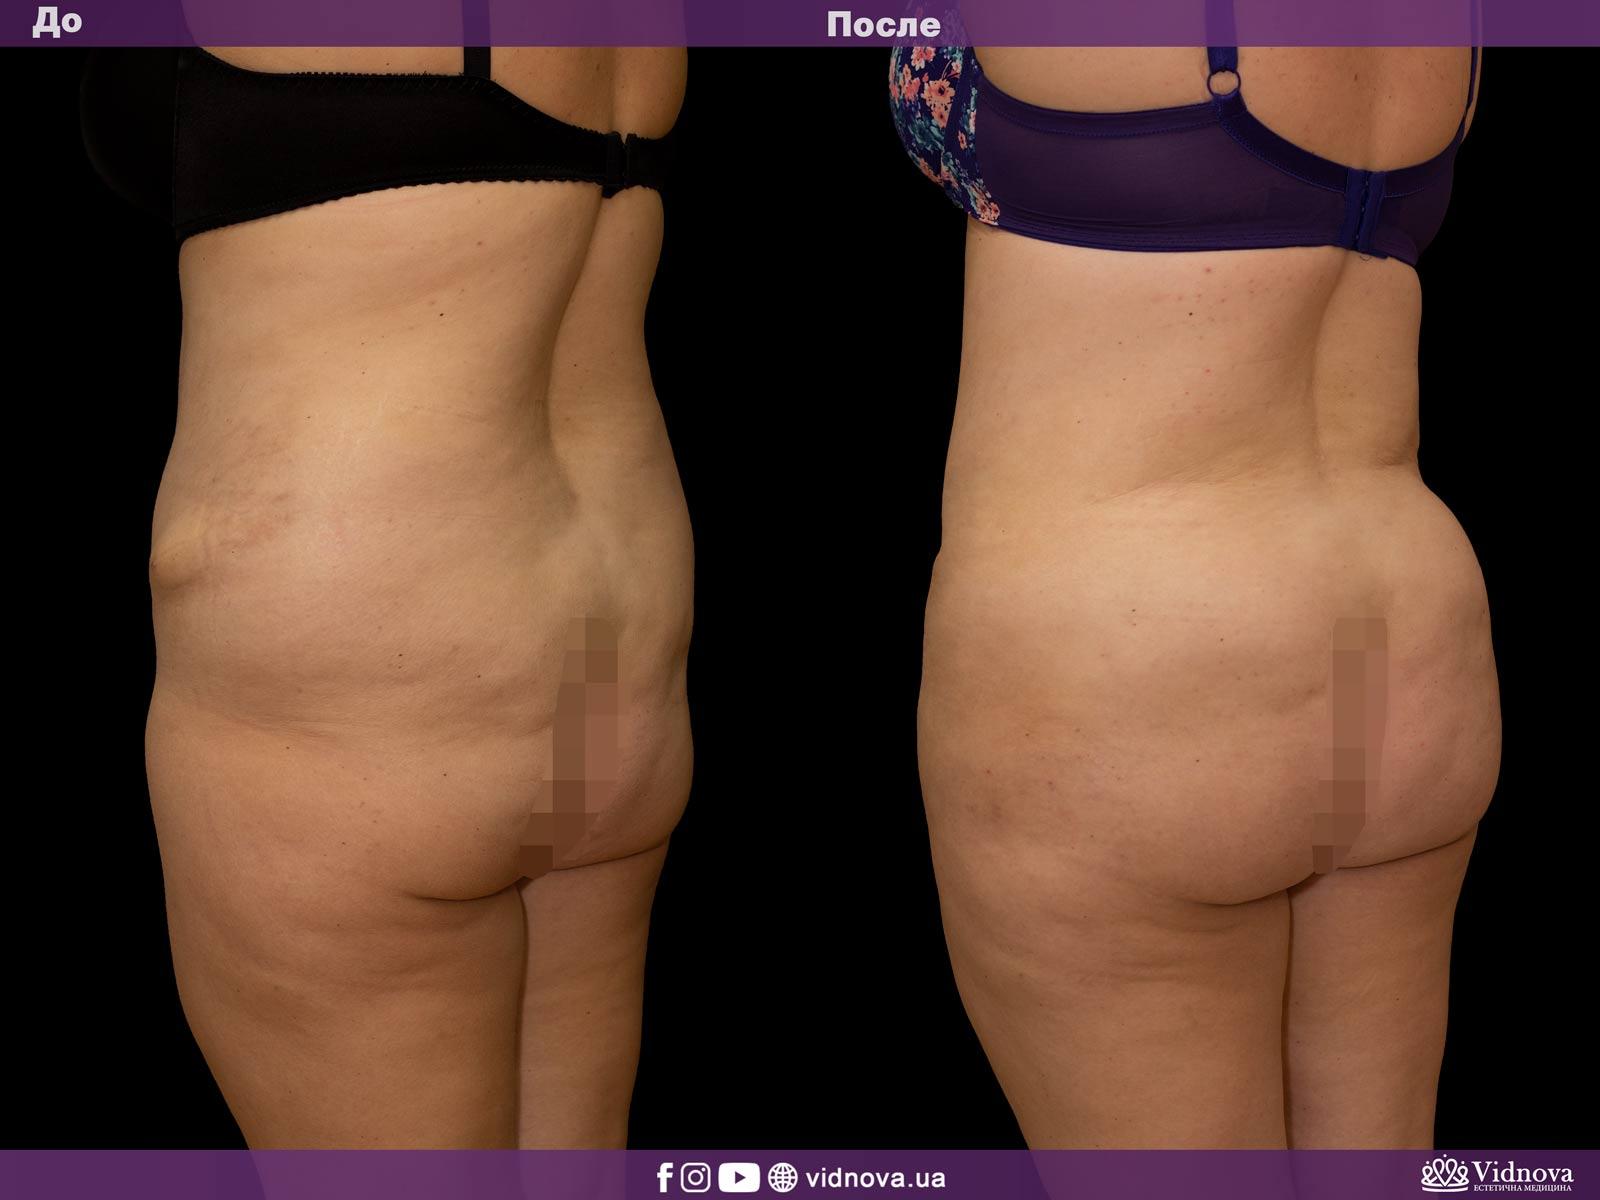 Липоскульптурирование: Фото До и После - Пример №1-2 - Клиника Vidnova